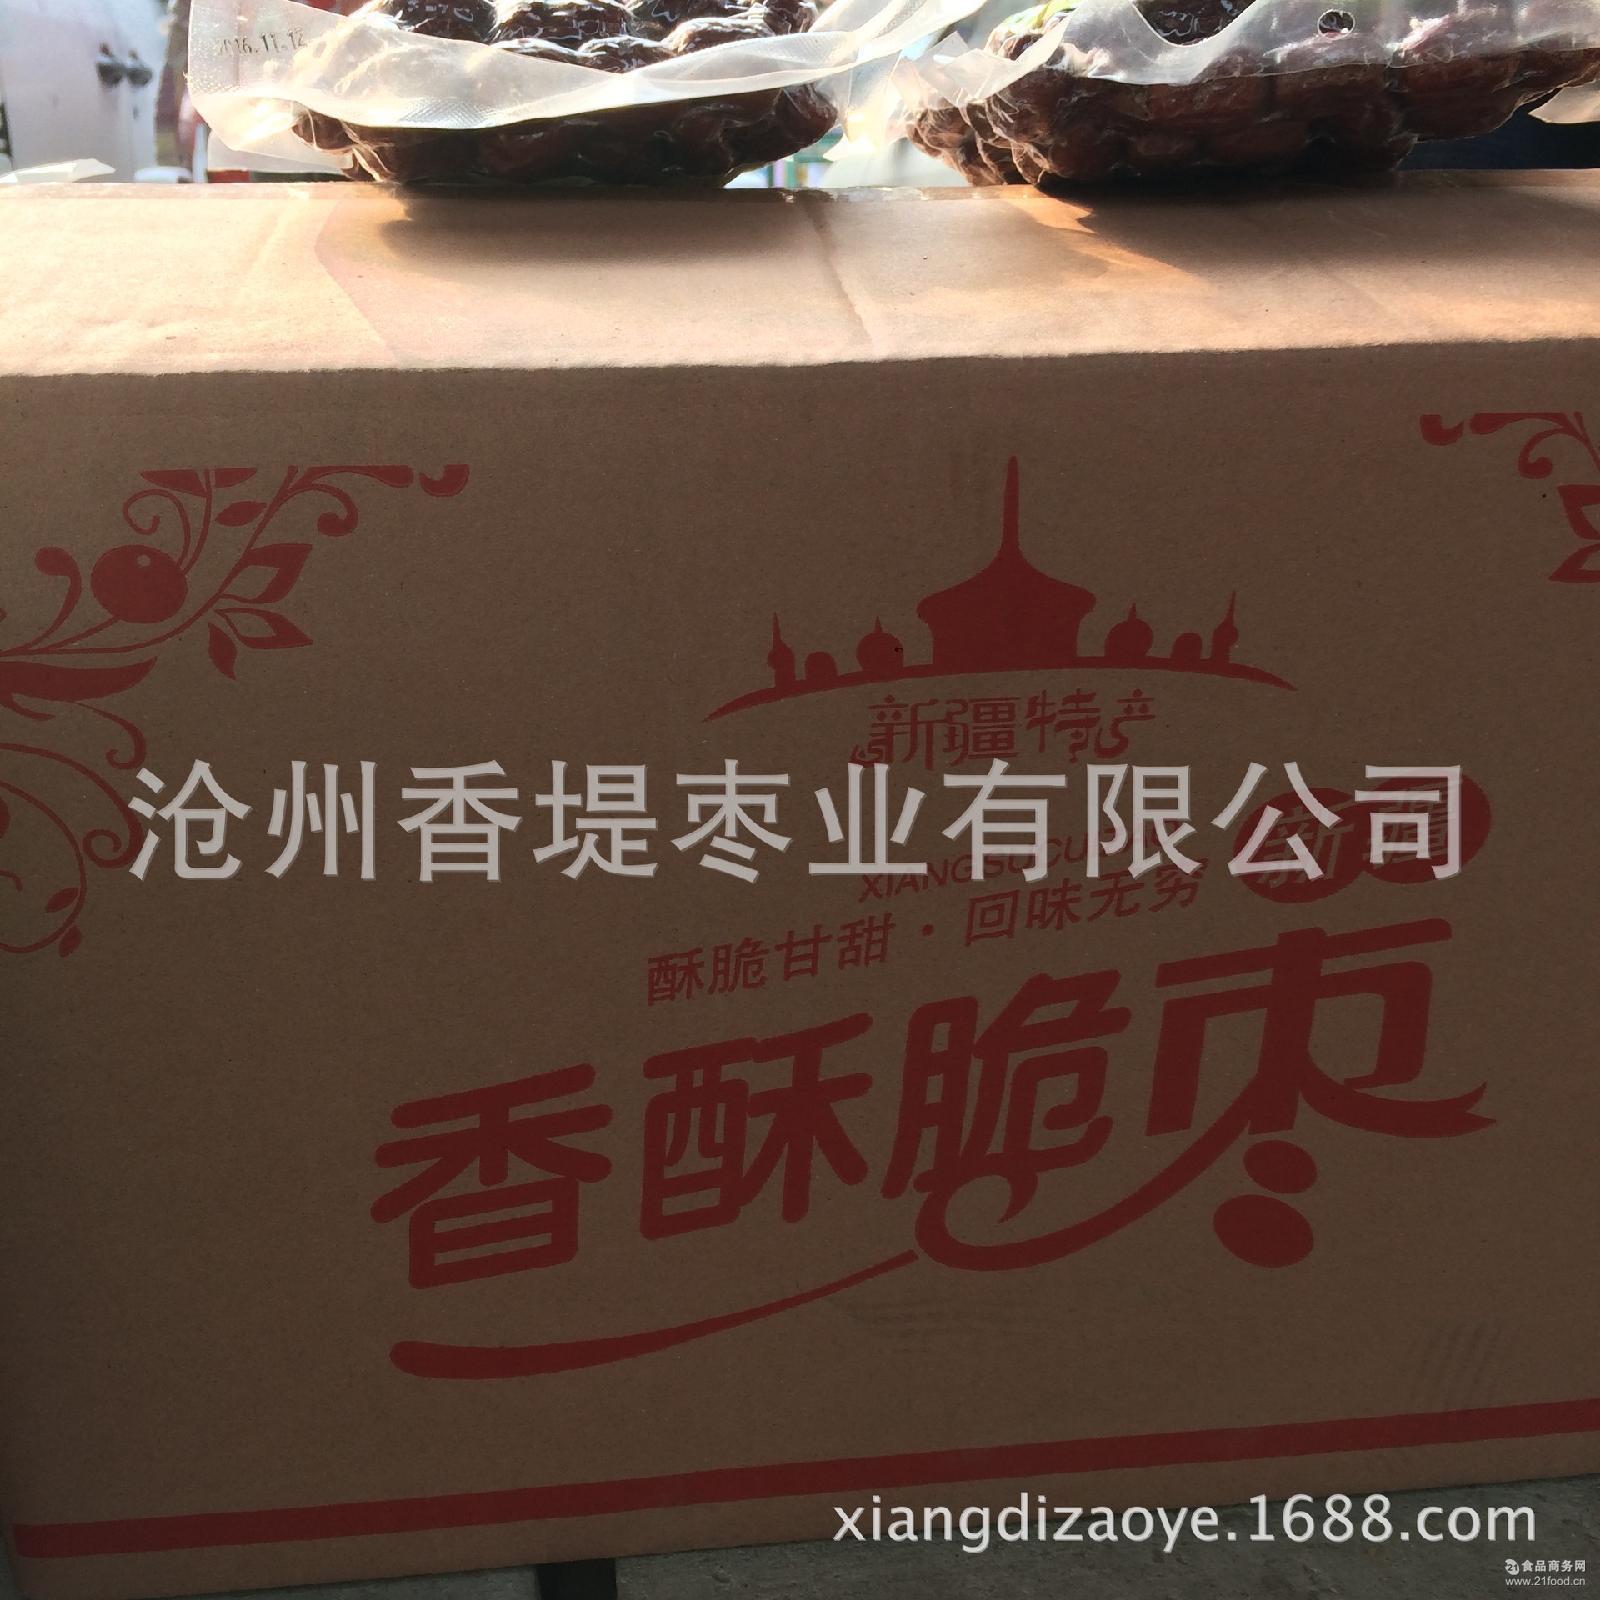 250g真空包装 香酥脆枣 新疆哈密酥脆枣 无核空心枣零食香脆